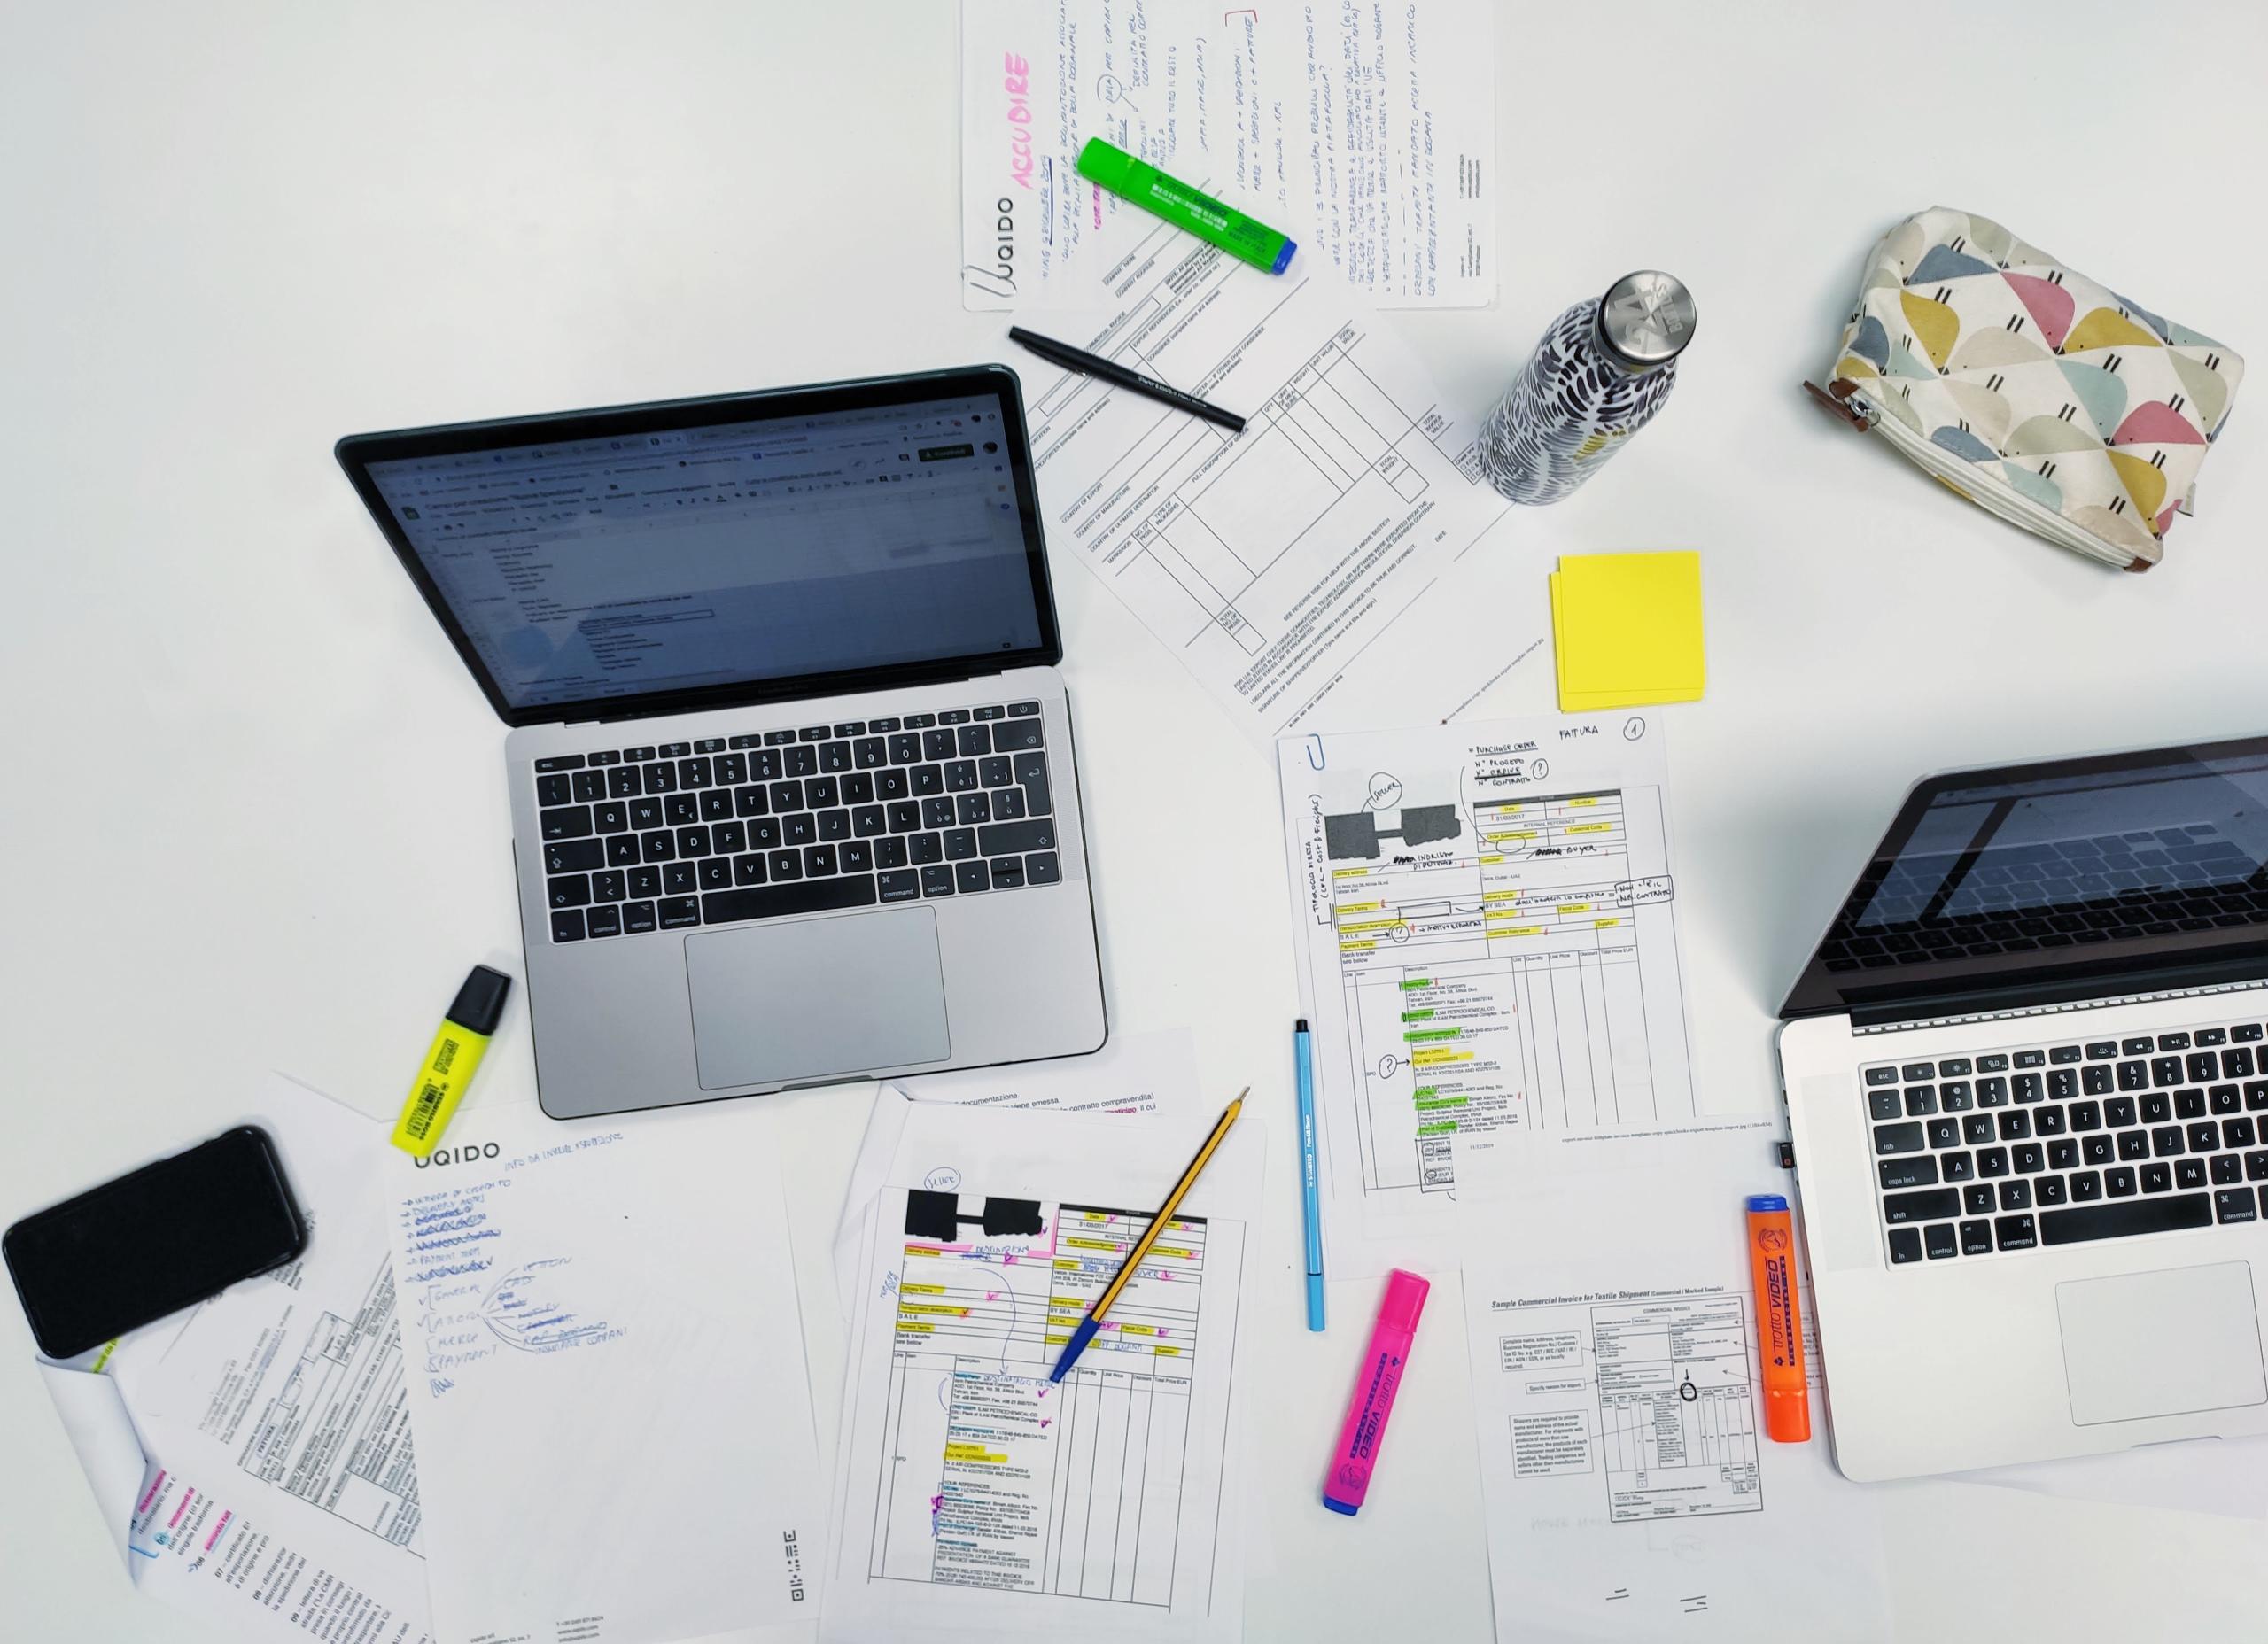 Tavolo con pc e appunti durante la progettazione